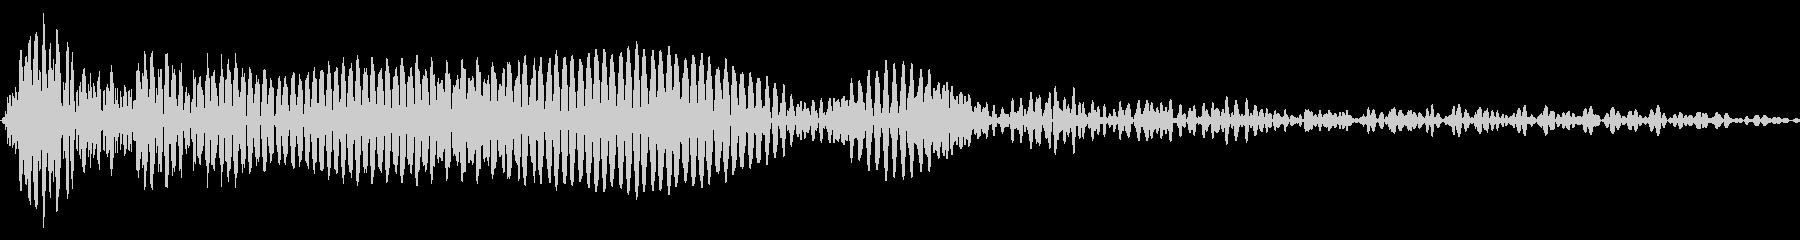 ドゥーン 下降 ウッドベースの未再生の波形